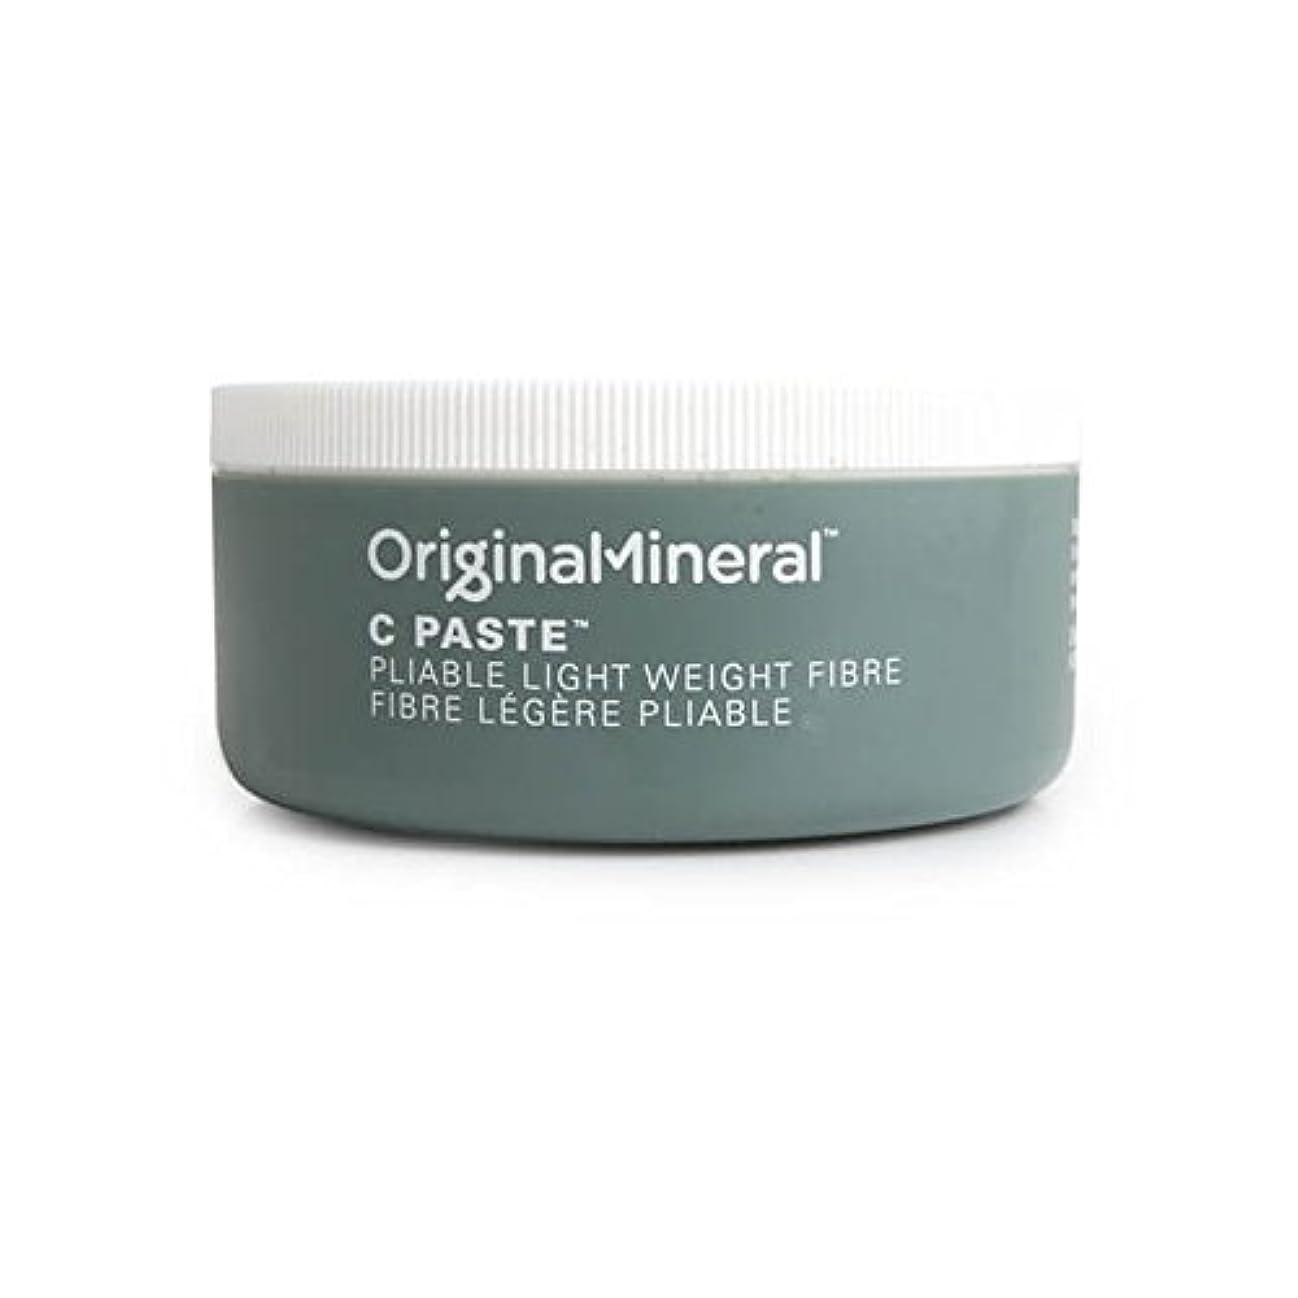 に話すきちんとしたラウズOriginal & Mineral C-Paste Hair Wax (100G) - オリジナル&ミネラルの-ペーストヘアワックス(100グラム) [並行輸入品]